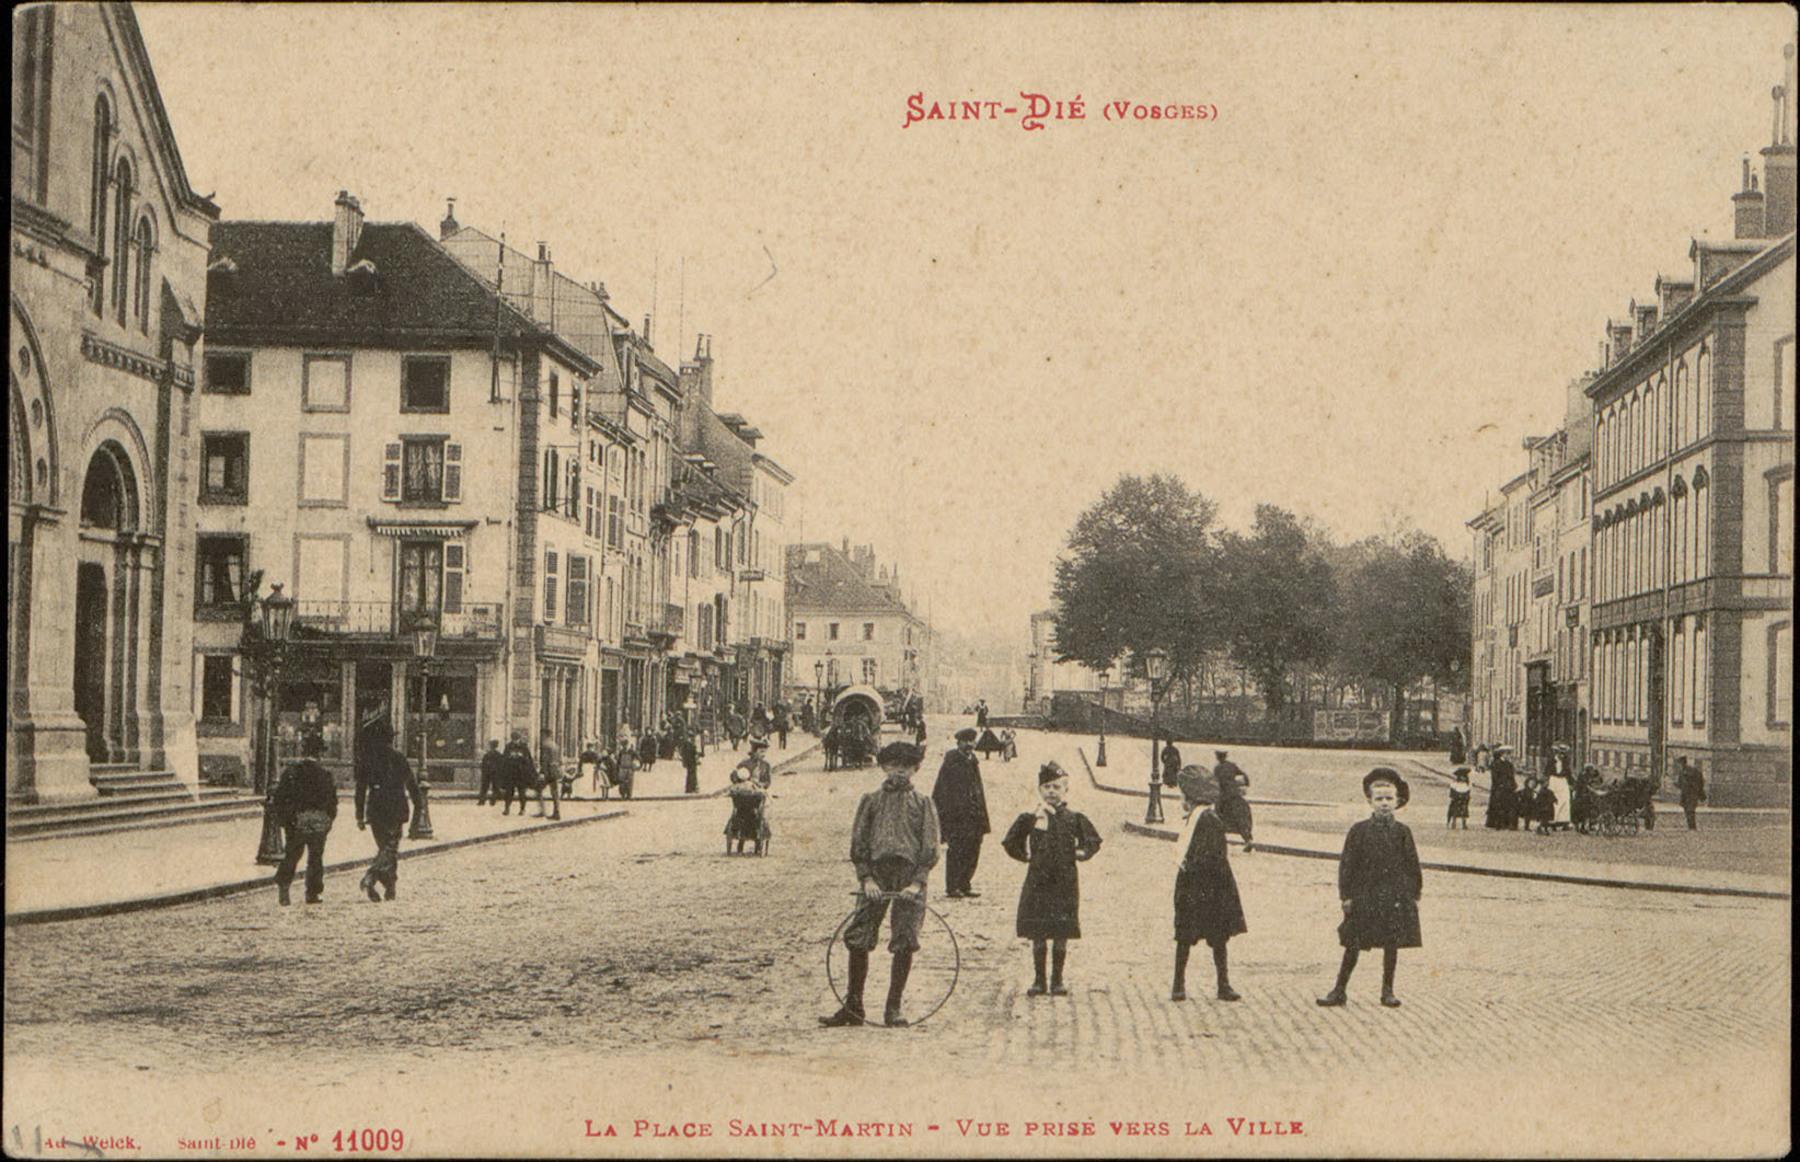 Contenu du Saint-Dié (Vosges), La Place Saint-Martin, Vue prise vers la ville